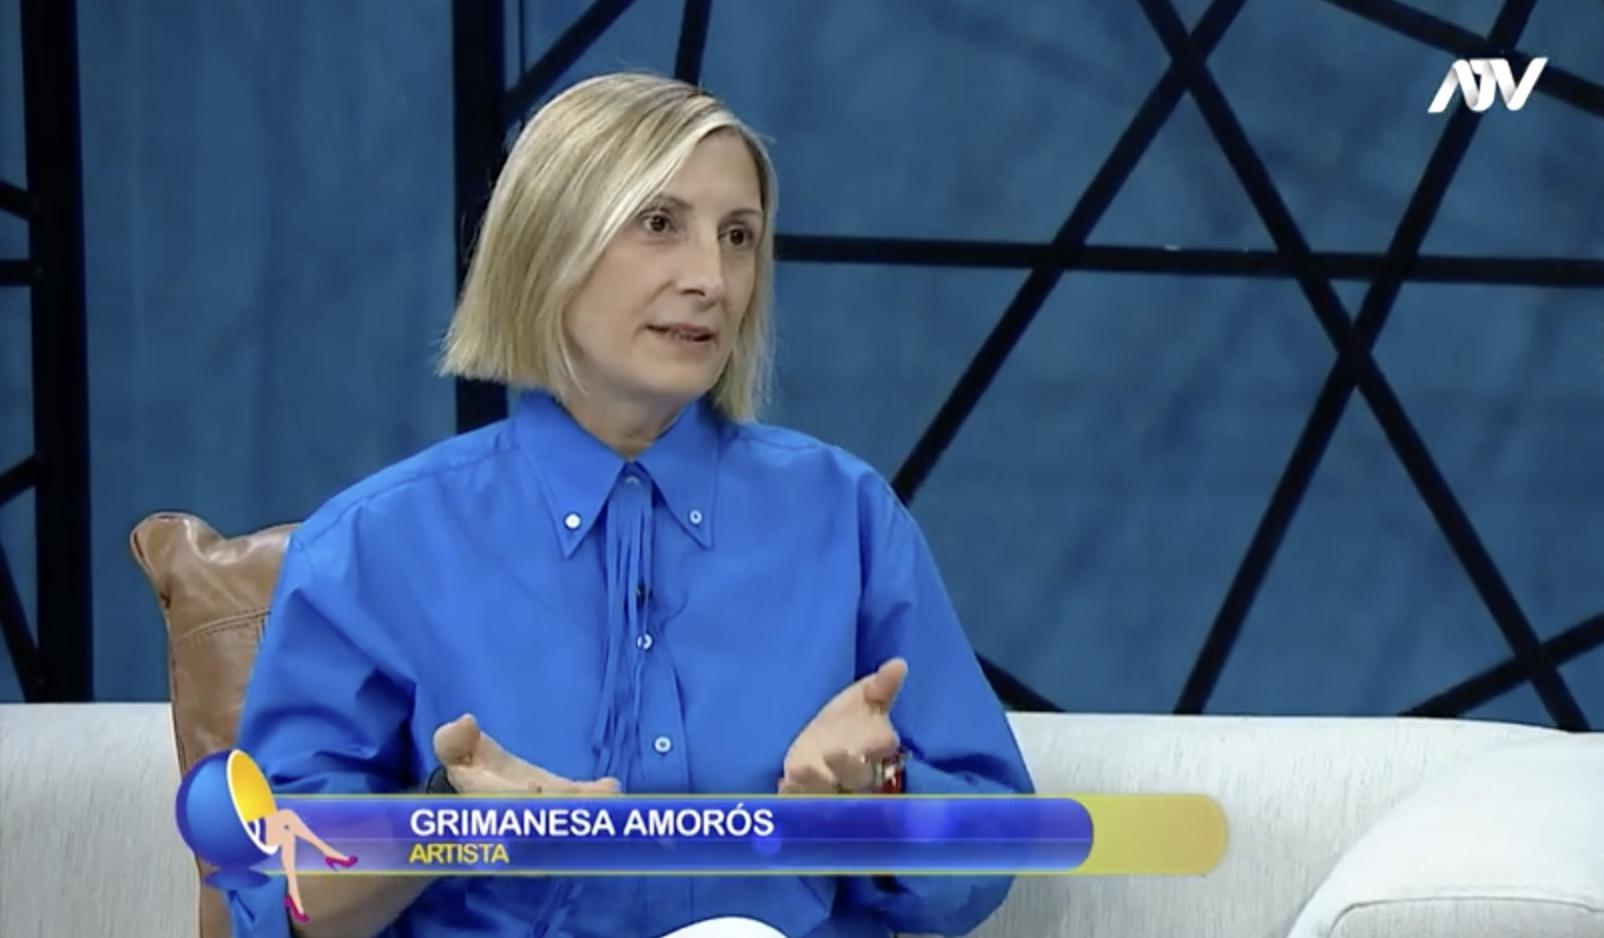 Grimanesa-amoros-de-pelicula-atv-Veronica-Ayllon